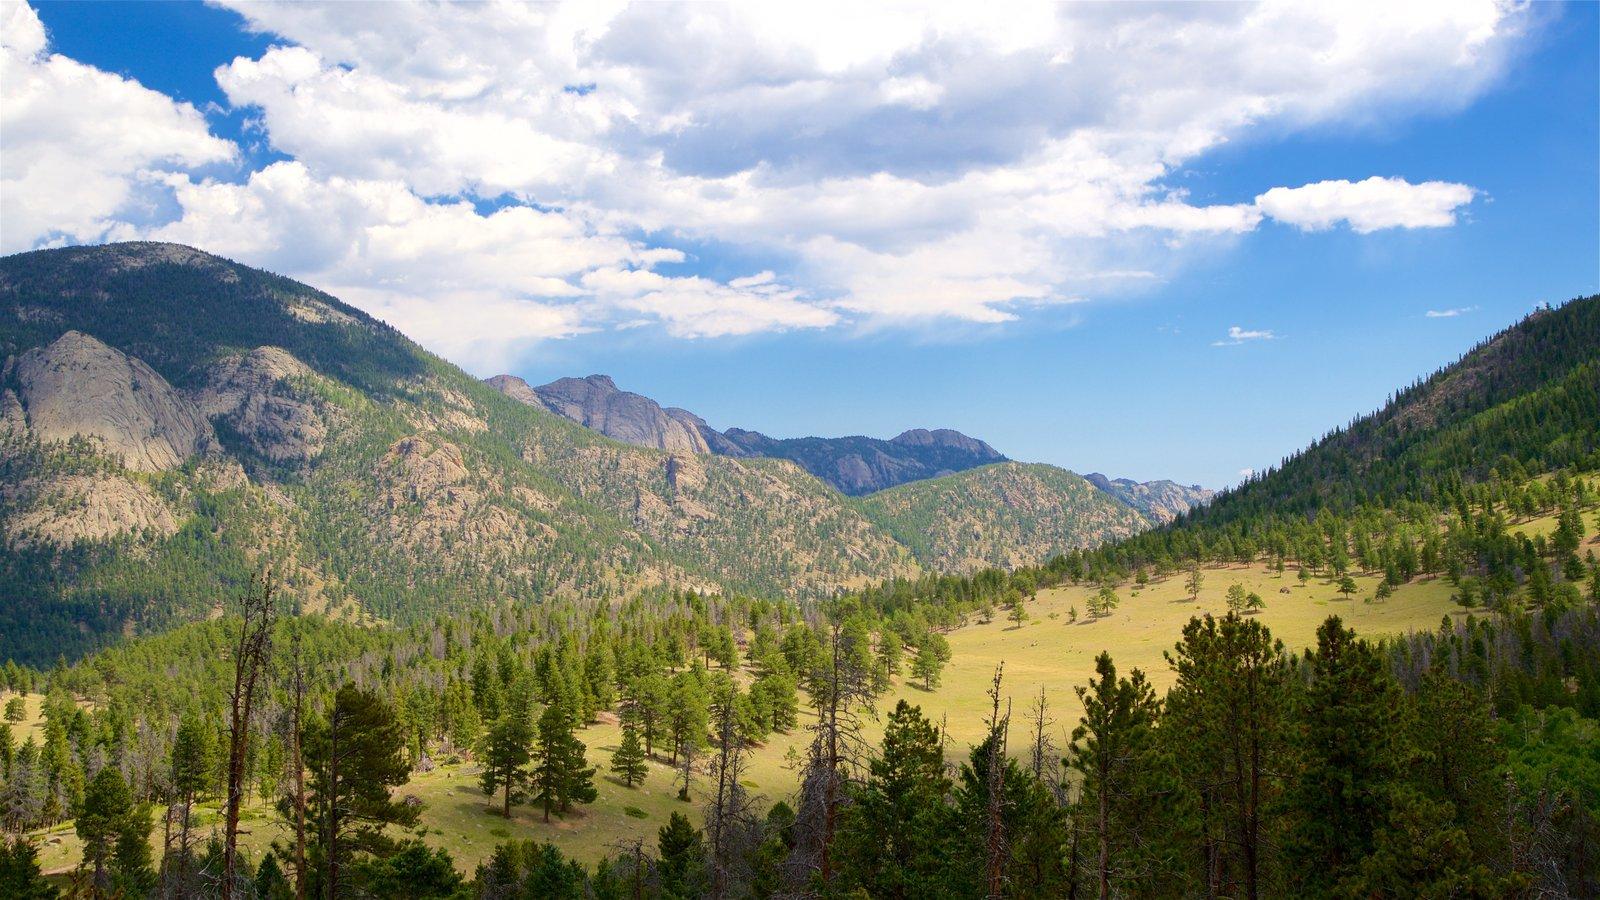 Rocky Mountain National Park mostrando cenas tranquilas e paisagem